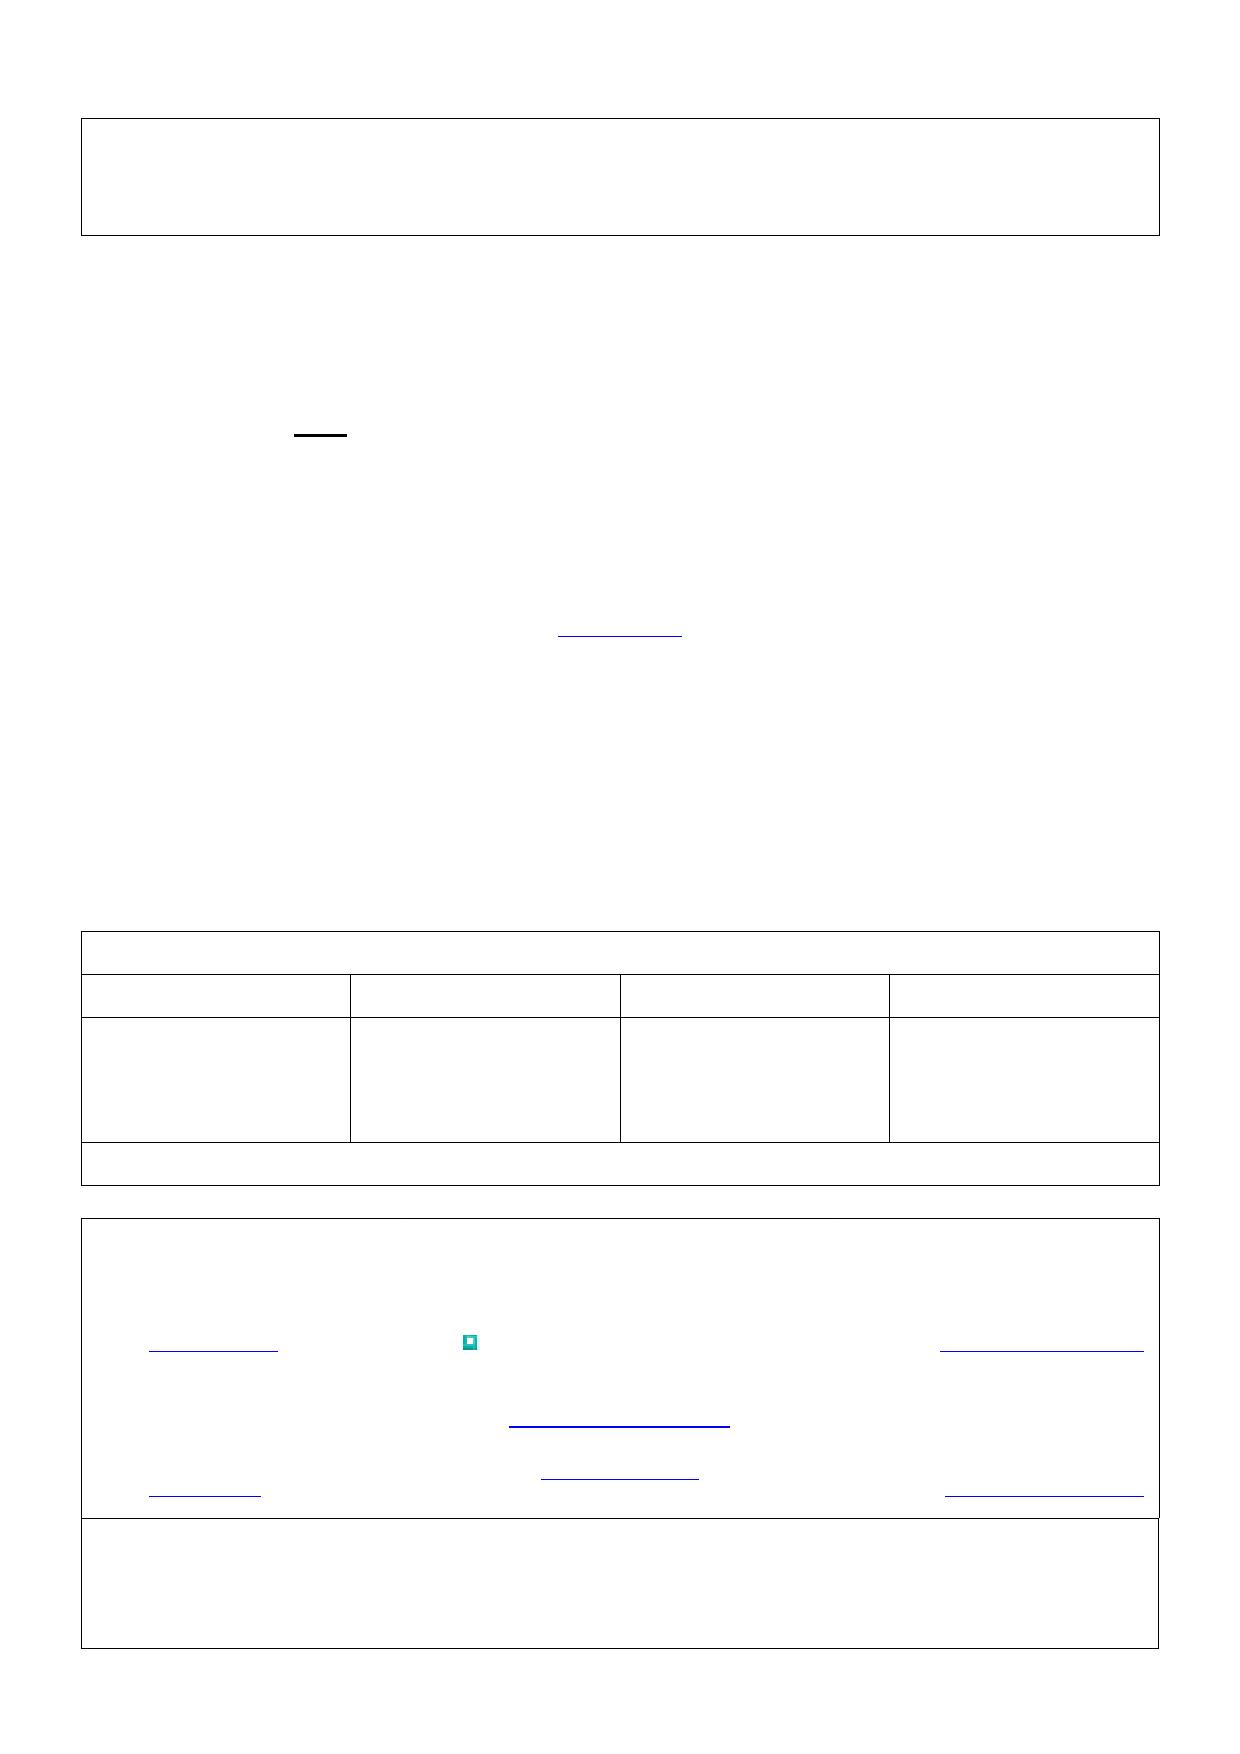 M0371YH350 دیتاشیت PDF